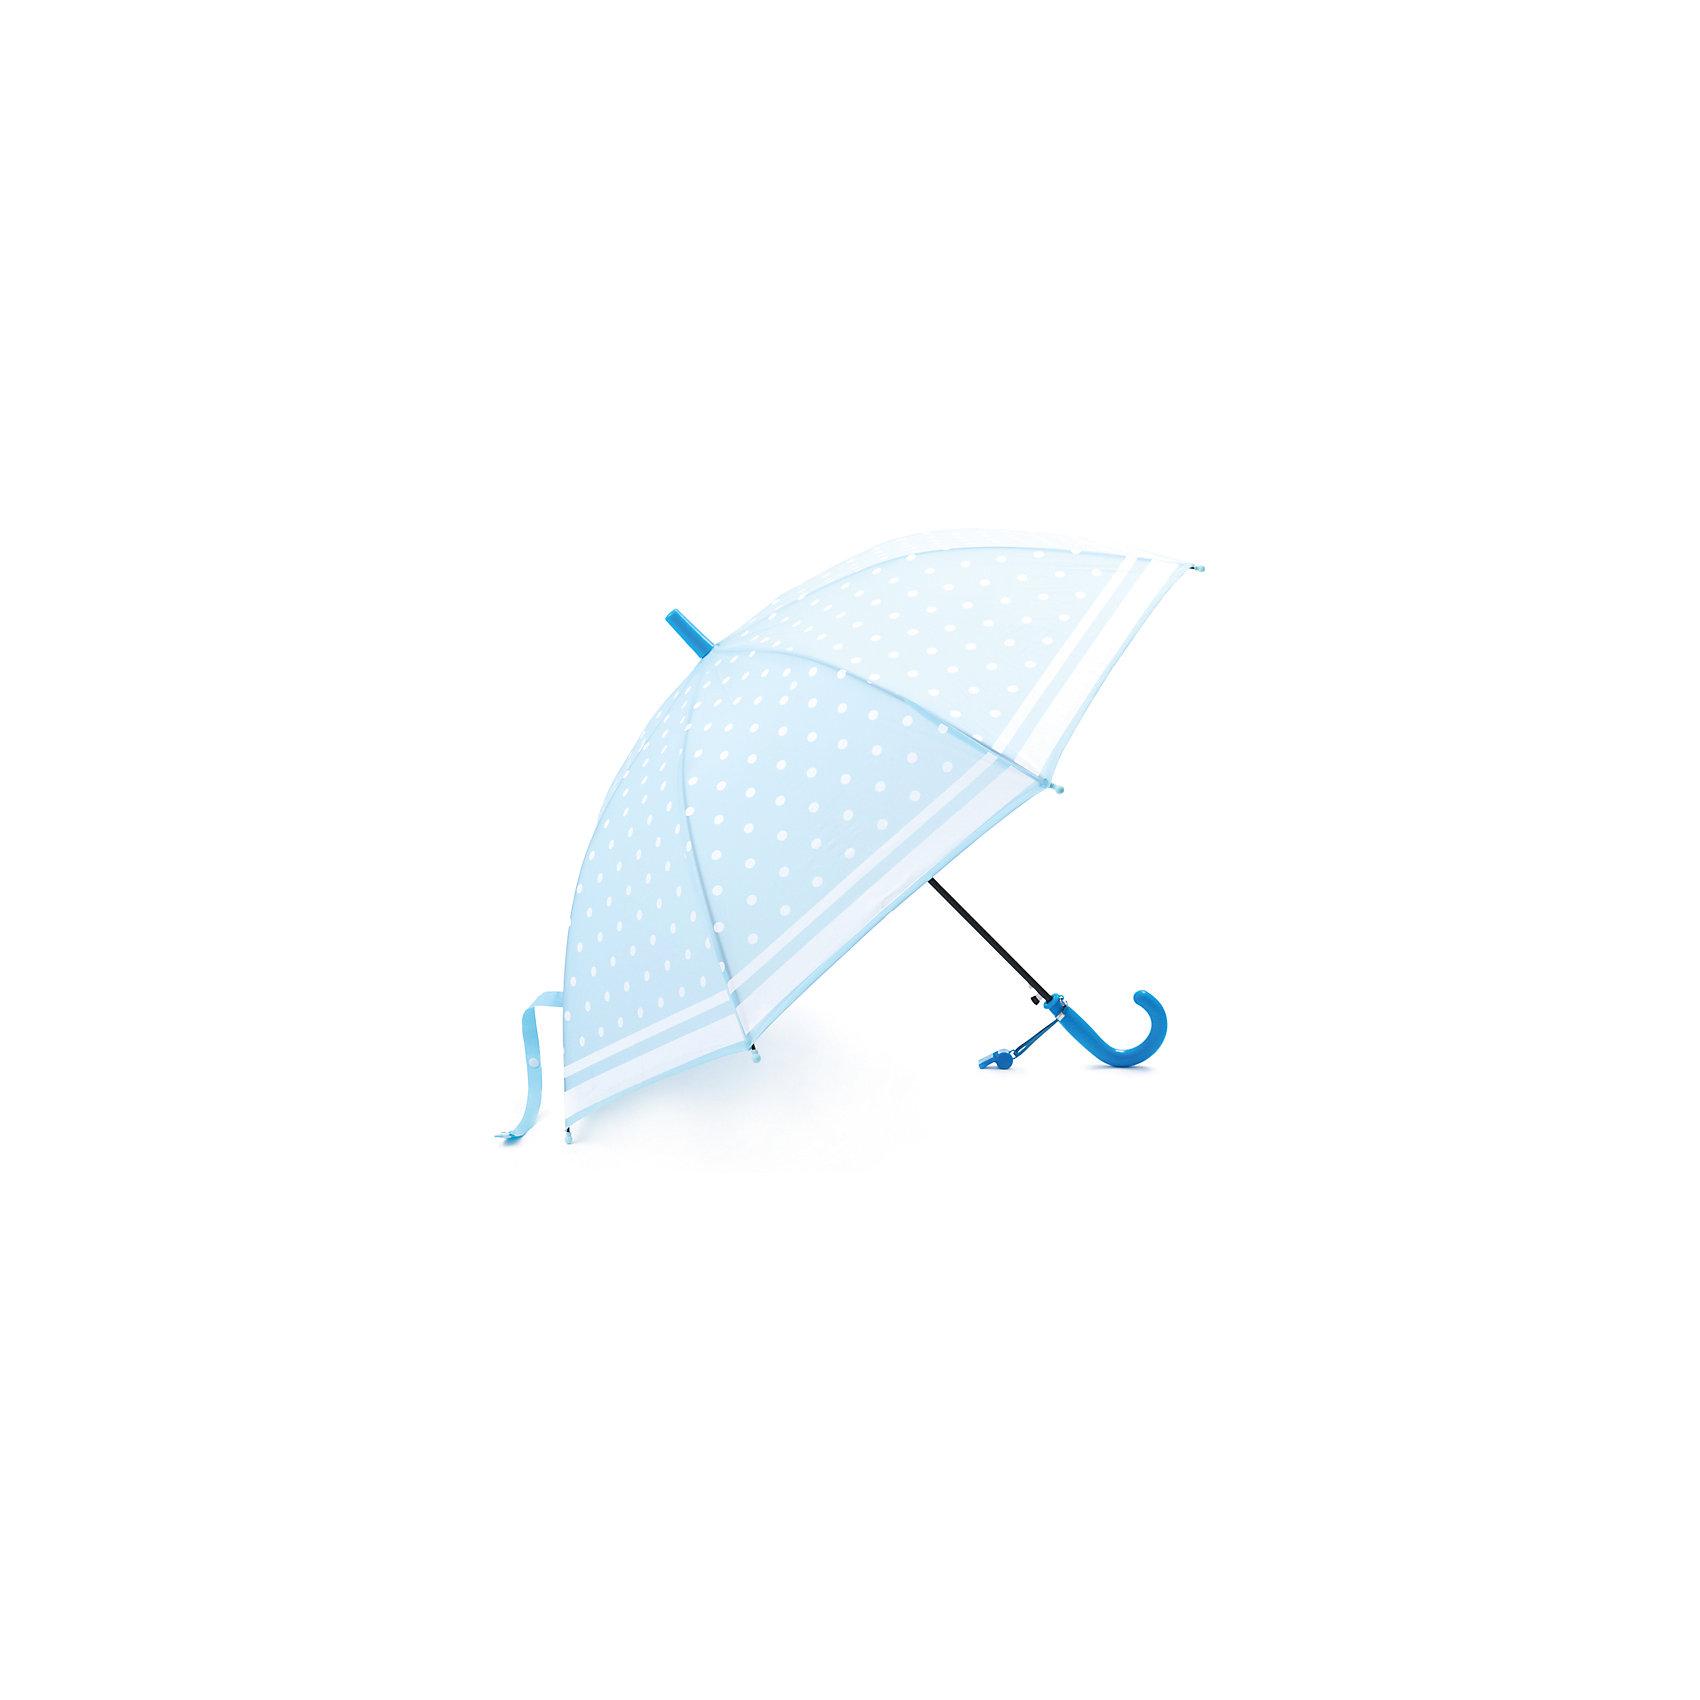 Зонт для девочки PlayTodayЗонты<br>Зонт для девочки PlayToday<br>Этот яркий зонтик обязательно понравится Вашему ребенку! Оснащен специальной безопасной системой открывания и закрывания. Материал каркаса ветроустойчивый. Концы спиц снабжены пластмассовыми наконечниками для защиты от травм. Такой зонт идеально подойдет для прогулок в дождливую погоду. <br><br>Преимущества: <br><br>Оснащен специальной безопасной системой открывания и закрывания<br>Концы спиц снабжены пластмассовыми наконечниками для защиты от травм<br><br>Состав:<br>Каркас: 100:сталь; Купол: 100%полиэстер; Ручка:100% АБС пластик<br><br>Ширина мм: 170<br>Глубина мм: 157<br>Высота мм: 67<br>Вес г: 117<br>Цвет: голубой<br>Возраст от месяцев: 60<br>Возраст до месяцев: 144<br>Пол: Женский<br>Возраст: Детский<br>Размер: one size<br>SKU: 5404742